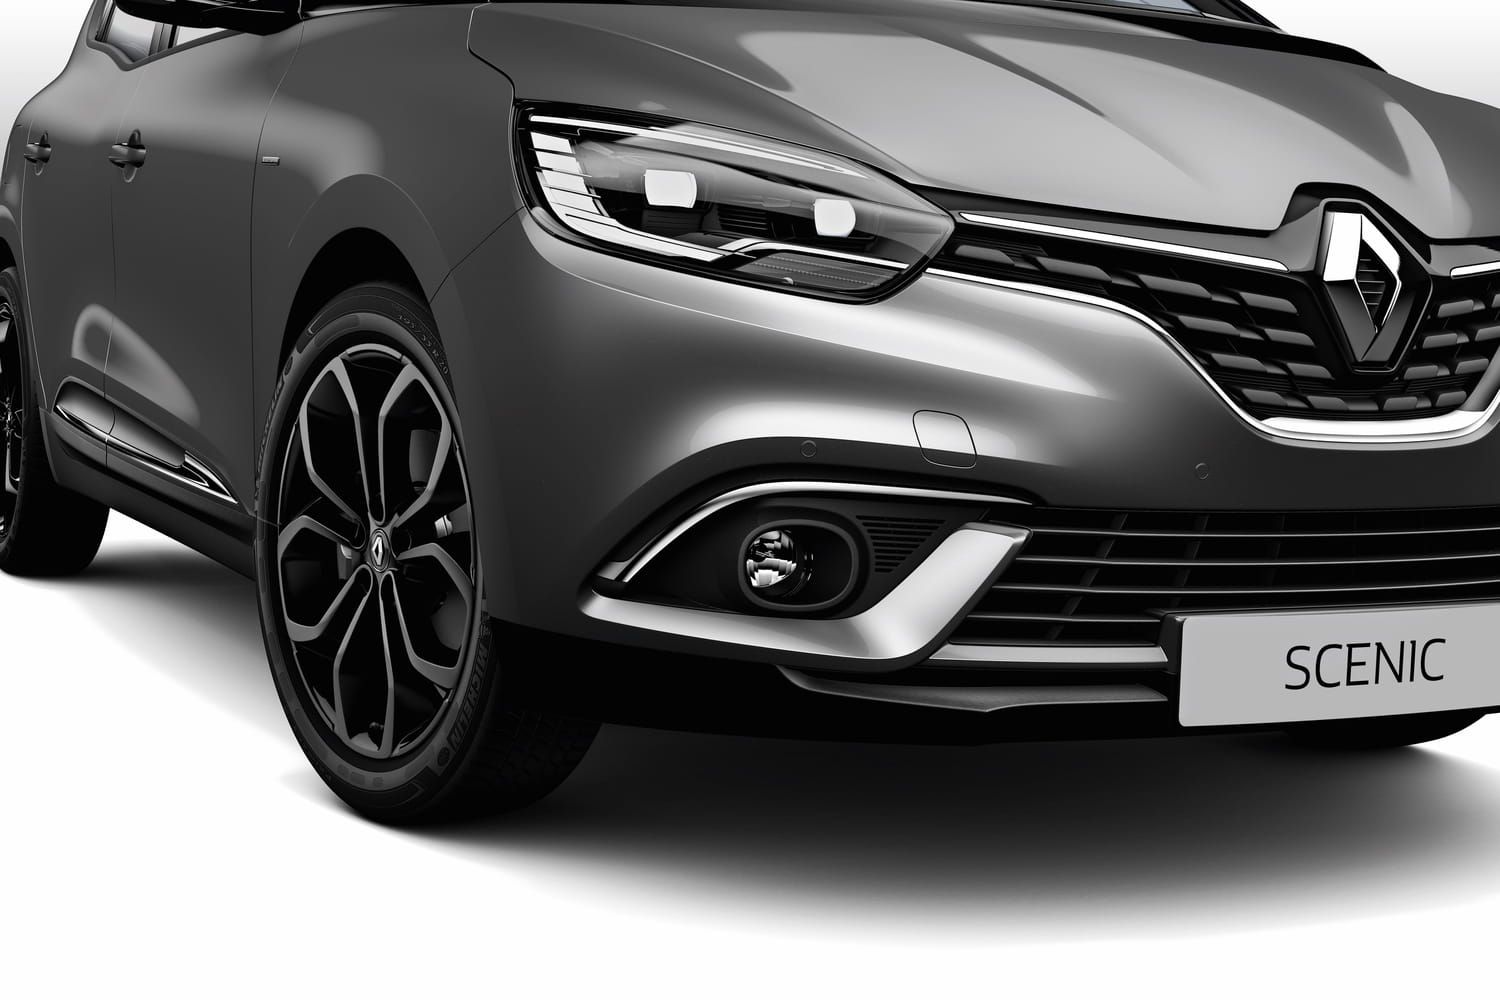 Nouveau Renault Scénic: que propose la série limitée Black Edition? [prix]